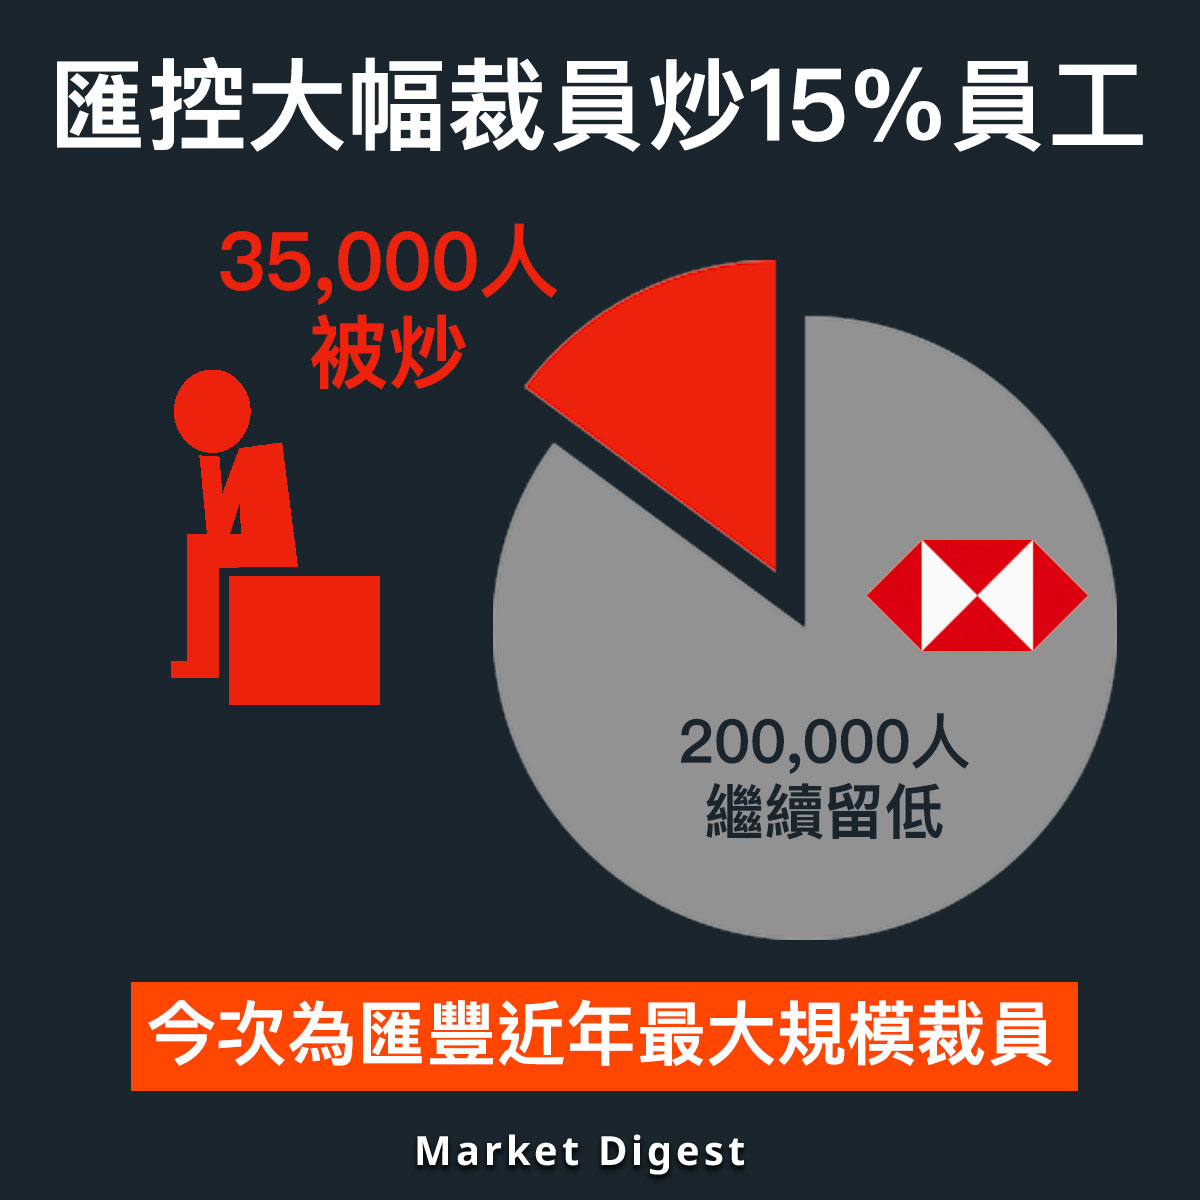 【市場熱話】匯控未來3年裁員35,000人,佔員工總數15%